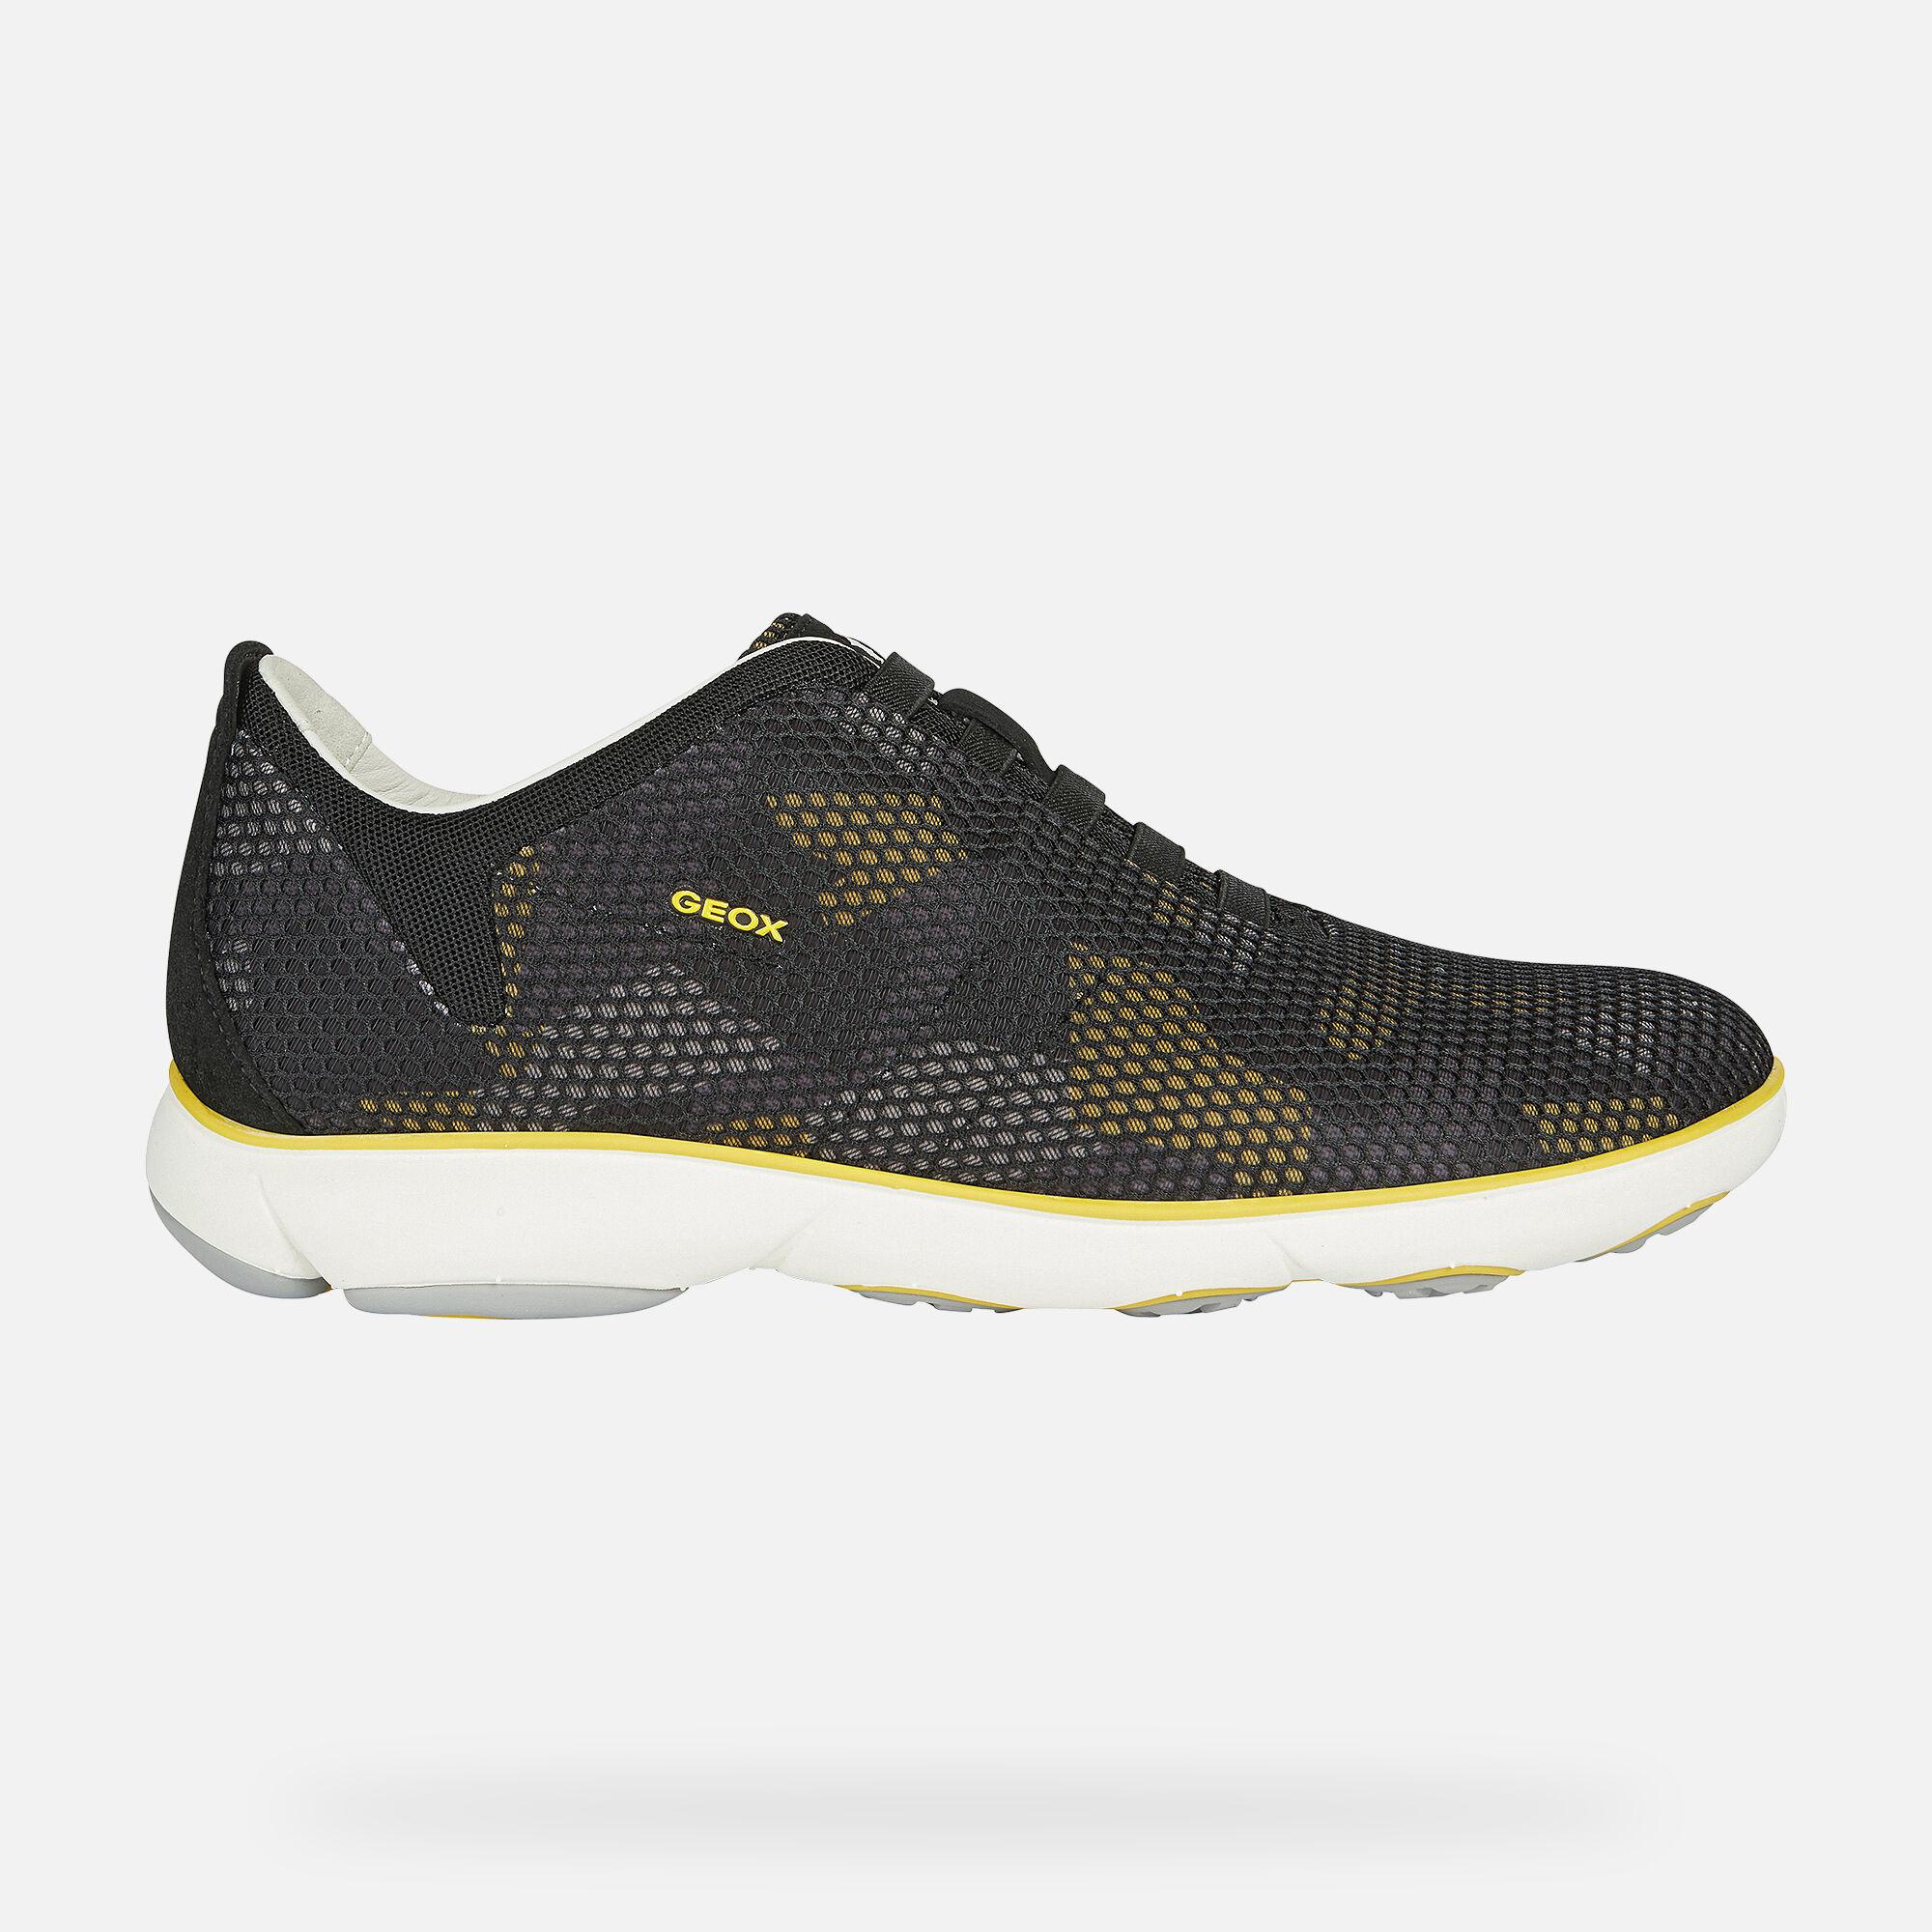 Geox NEBULA Man: Yellow Sneakers | Geox